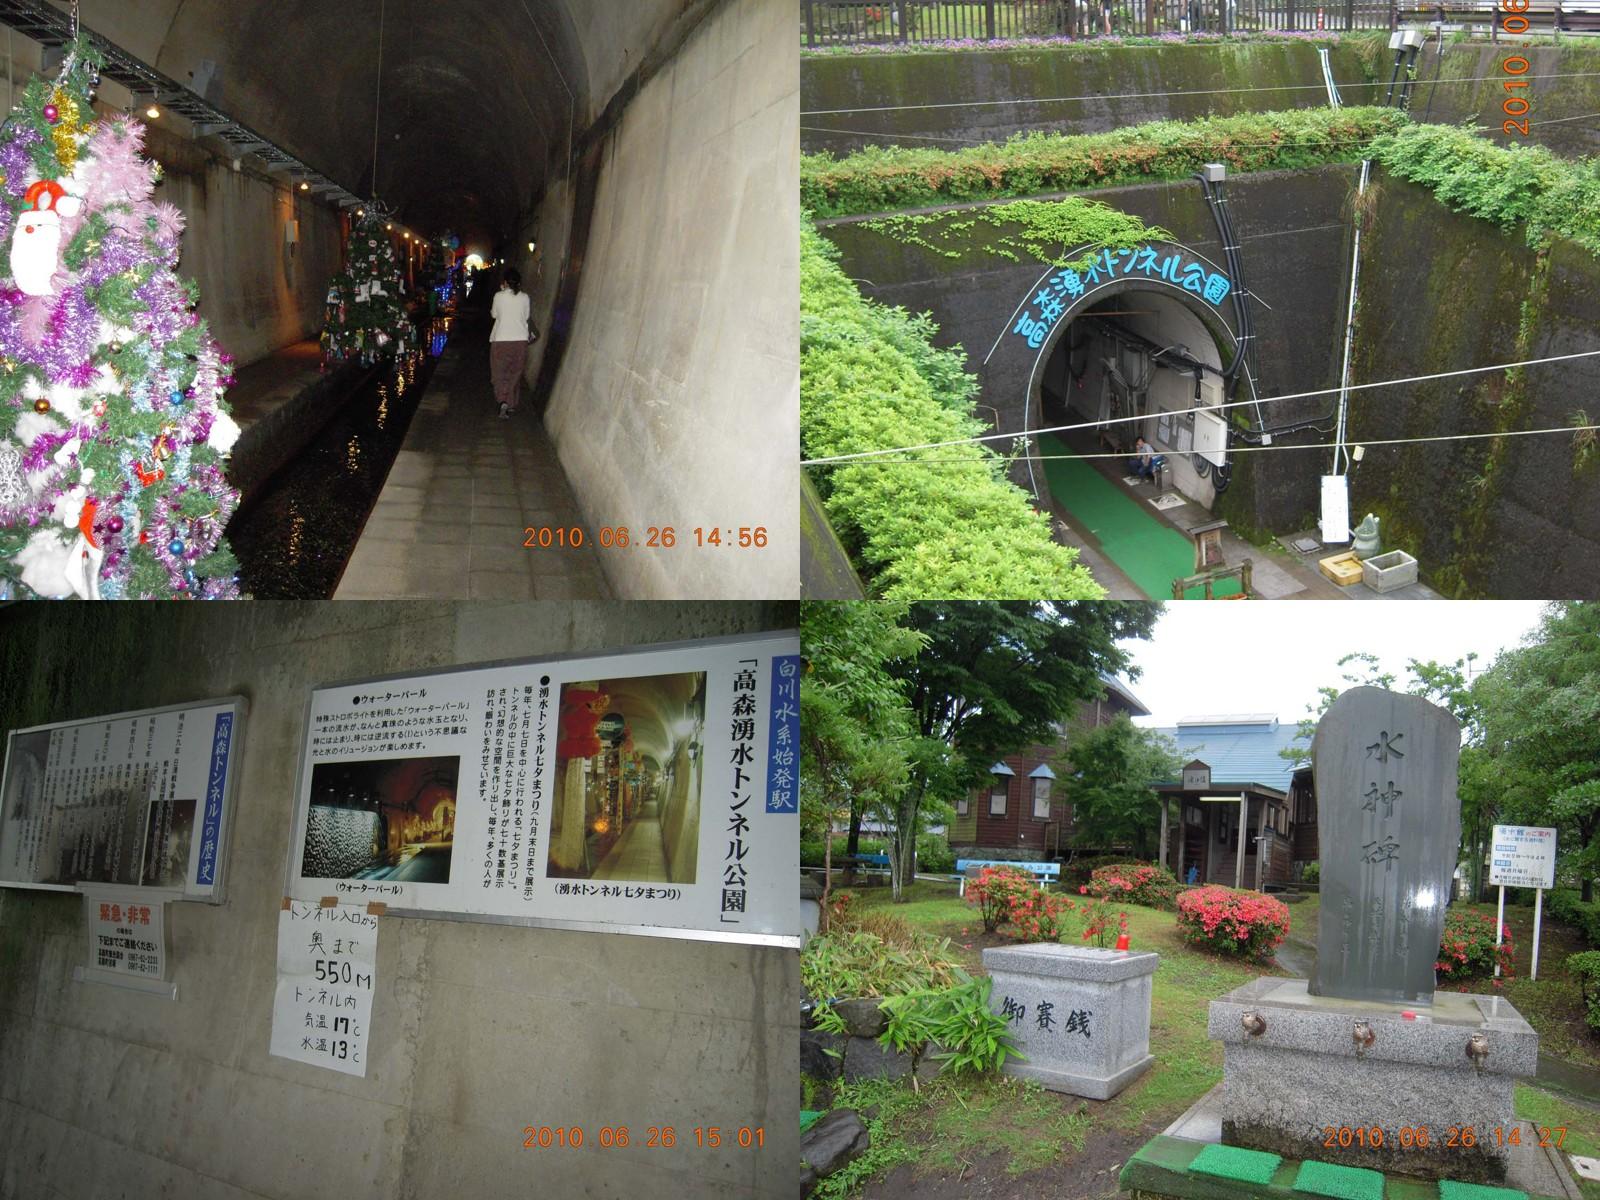 高森湧水トンネル